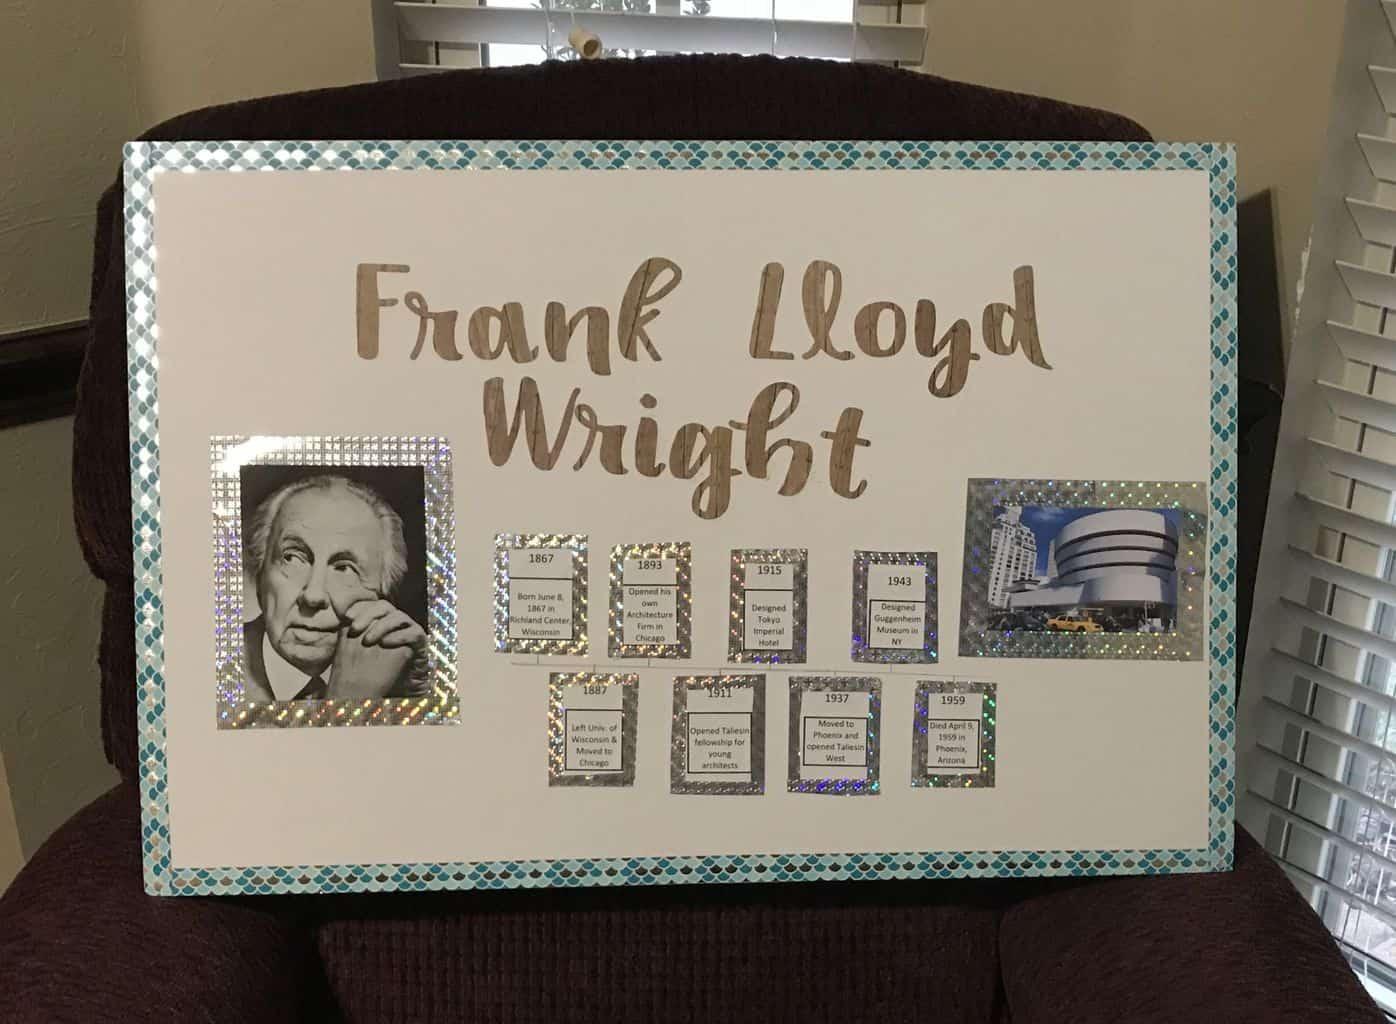 Weekly Wrap-up – Frank Lloyd Wright